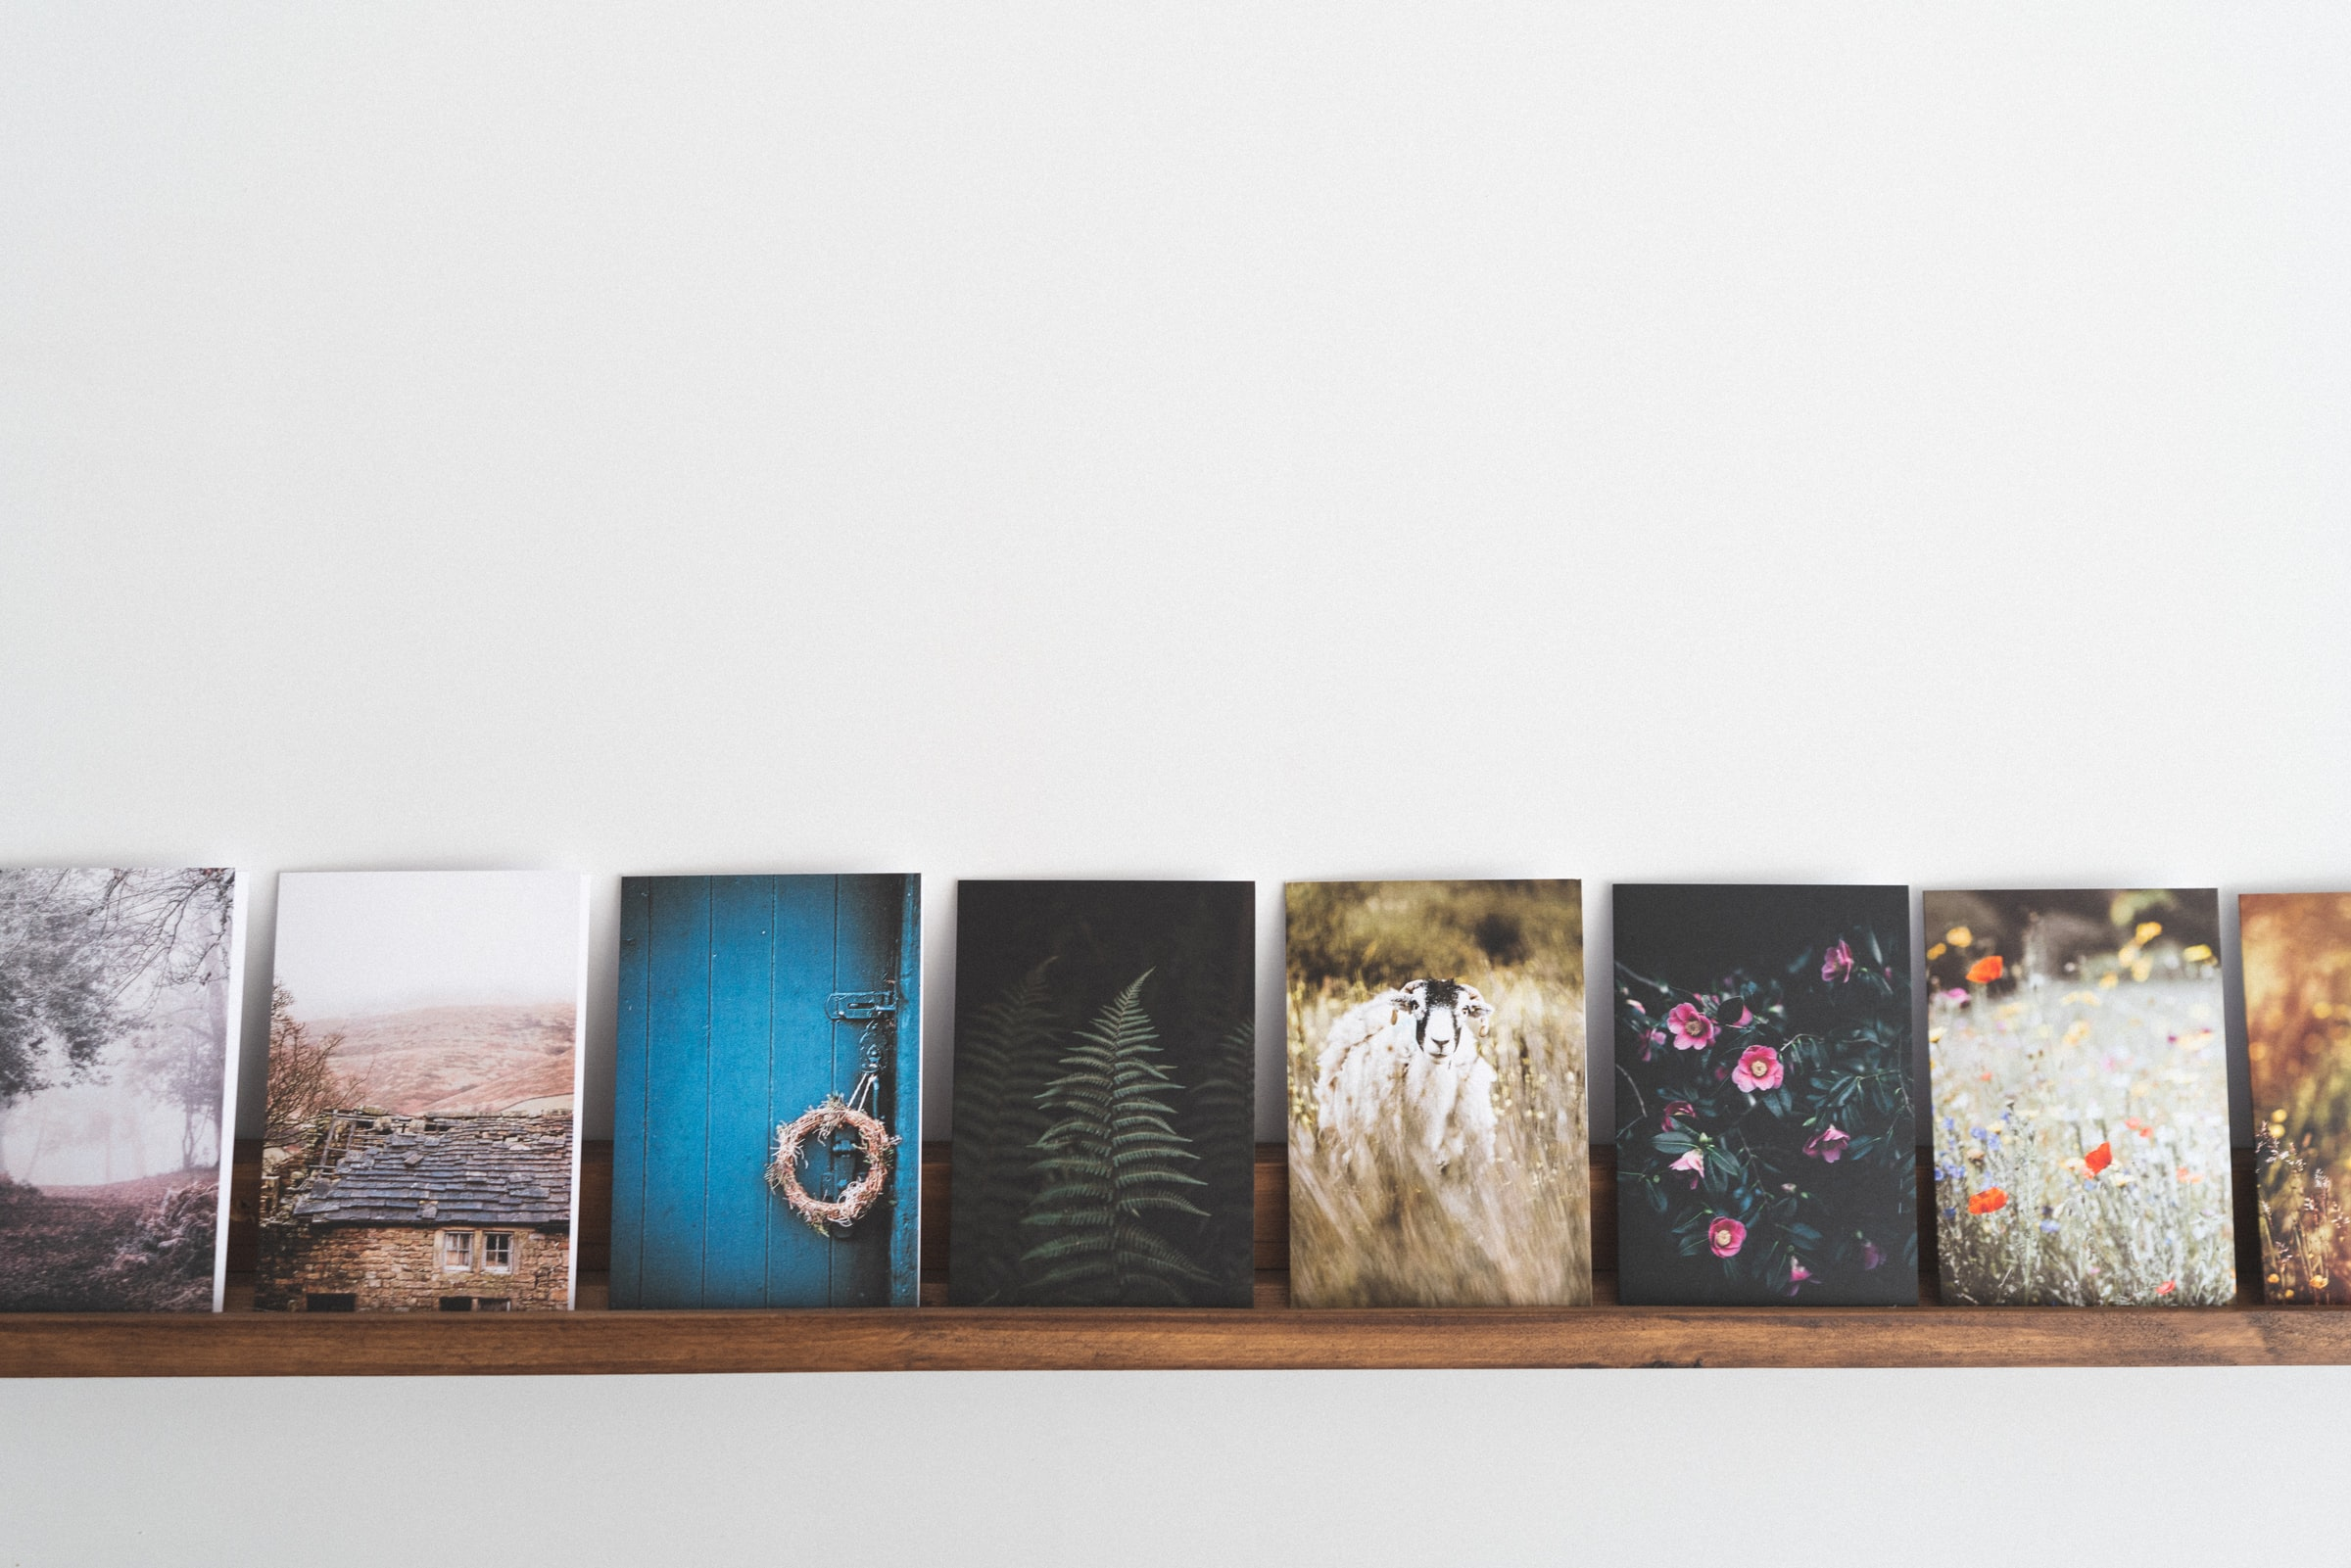 zakład-fotograficzny, labolatorium-fotografii-bydgoszcz, fotoporcelana, zdjęcia na porcelanie, zdjęcia na nagrobek, wydruk zdjęć, wydruk zdjęć z telefonu, photoprintme,